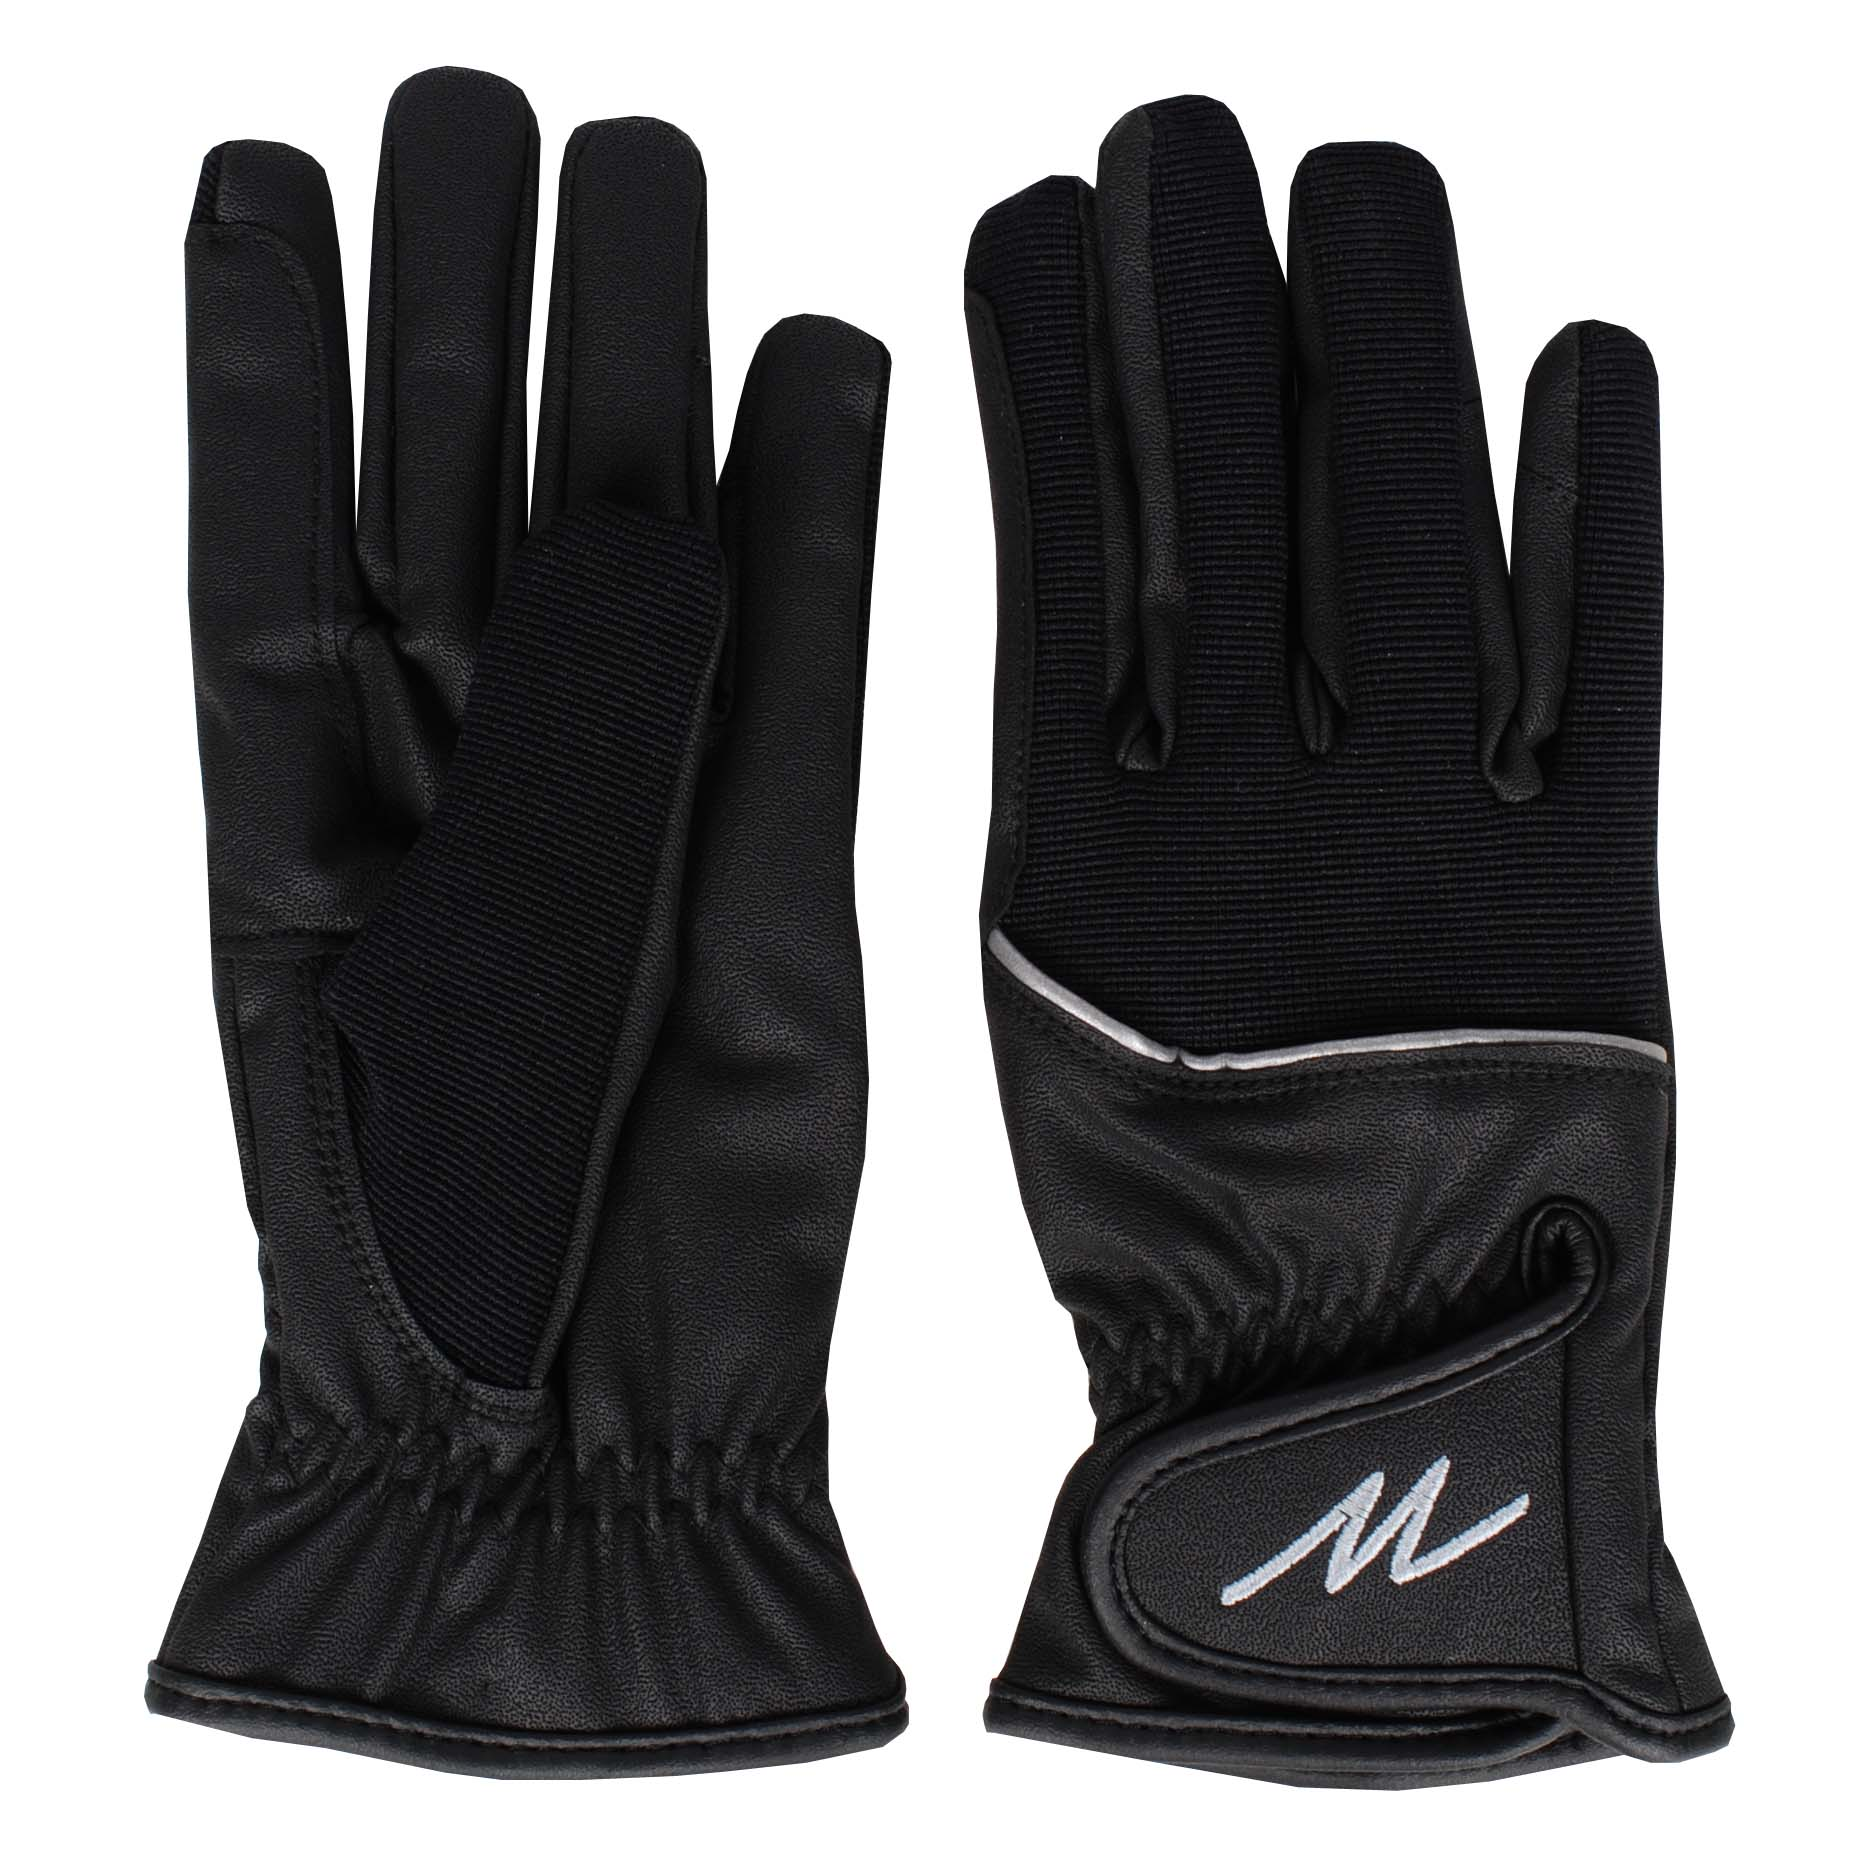 Mondoni Mendoza winter handschoenen zwart maat:l